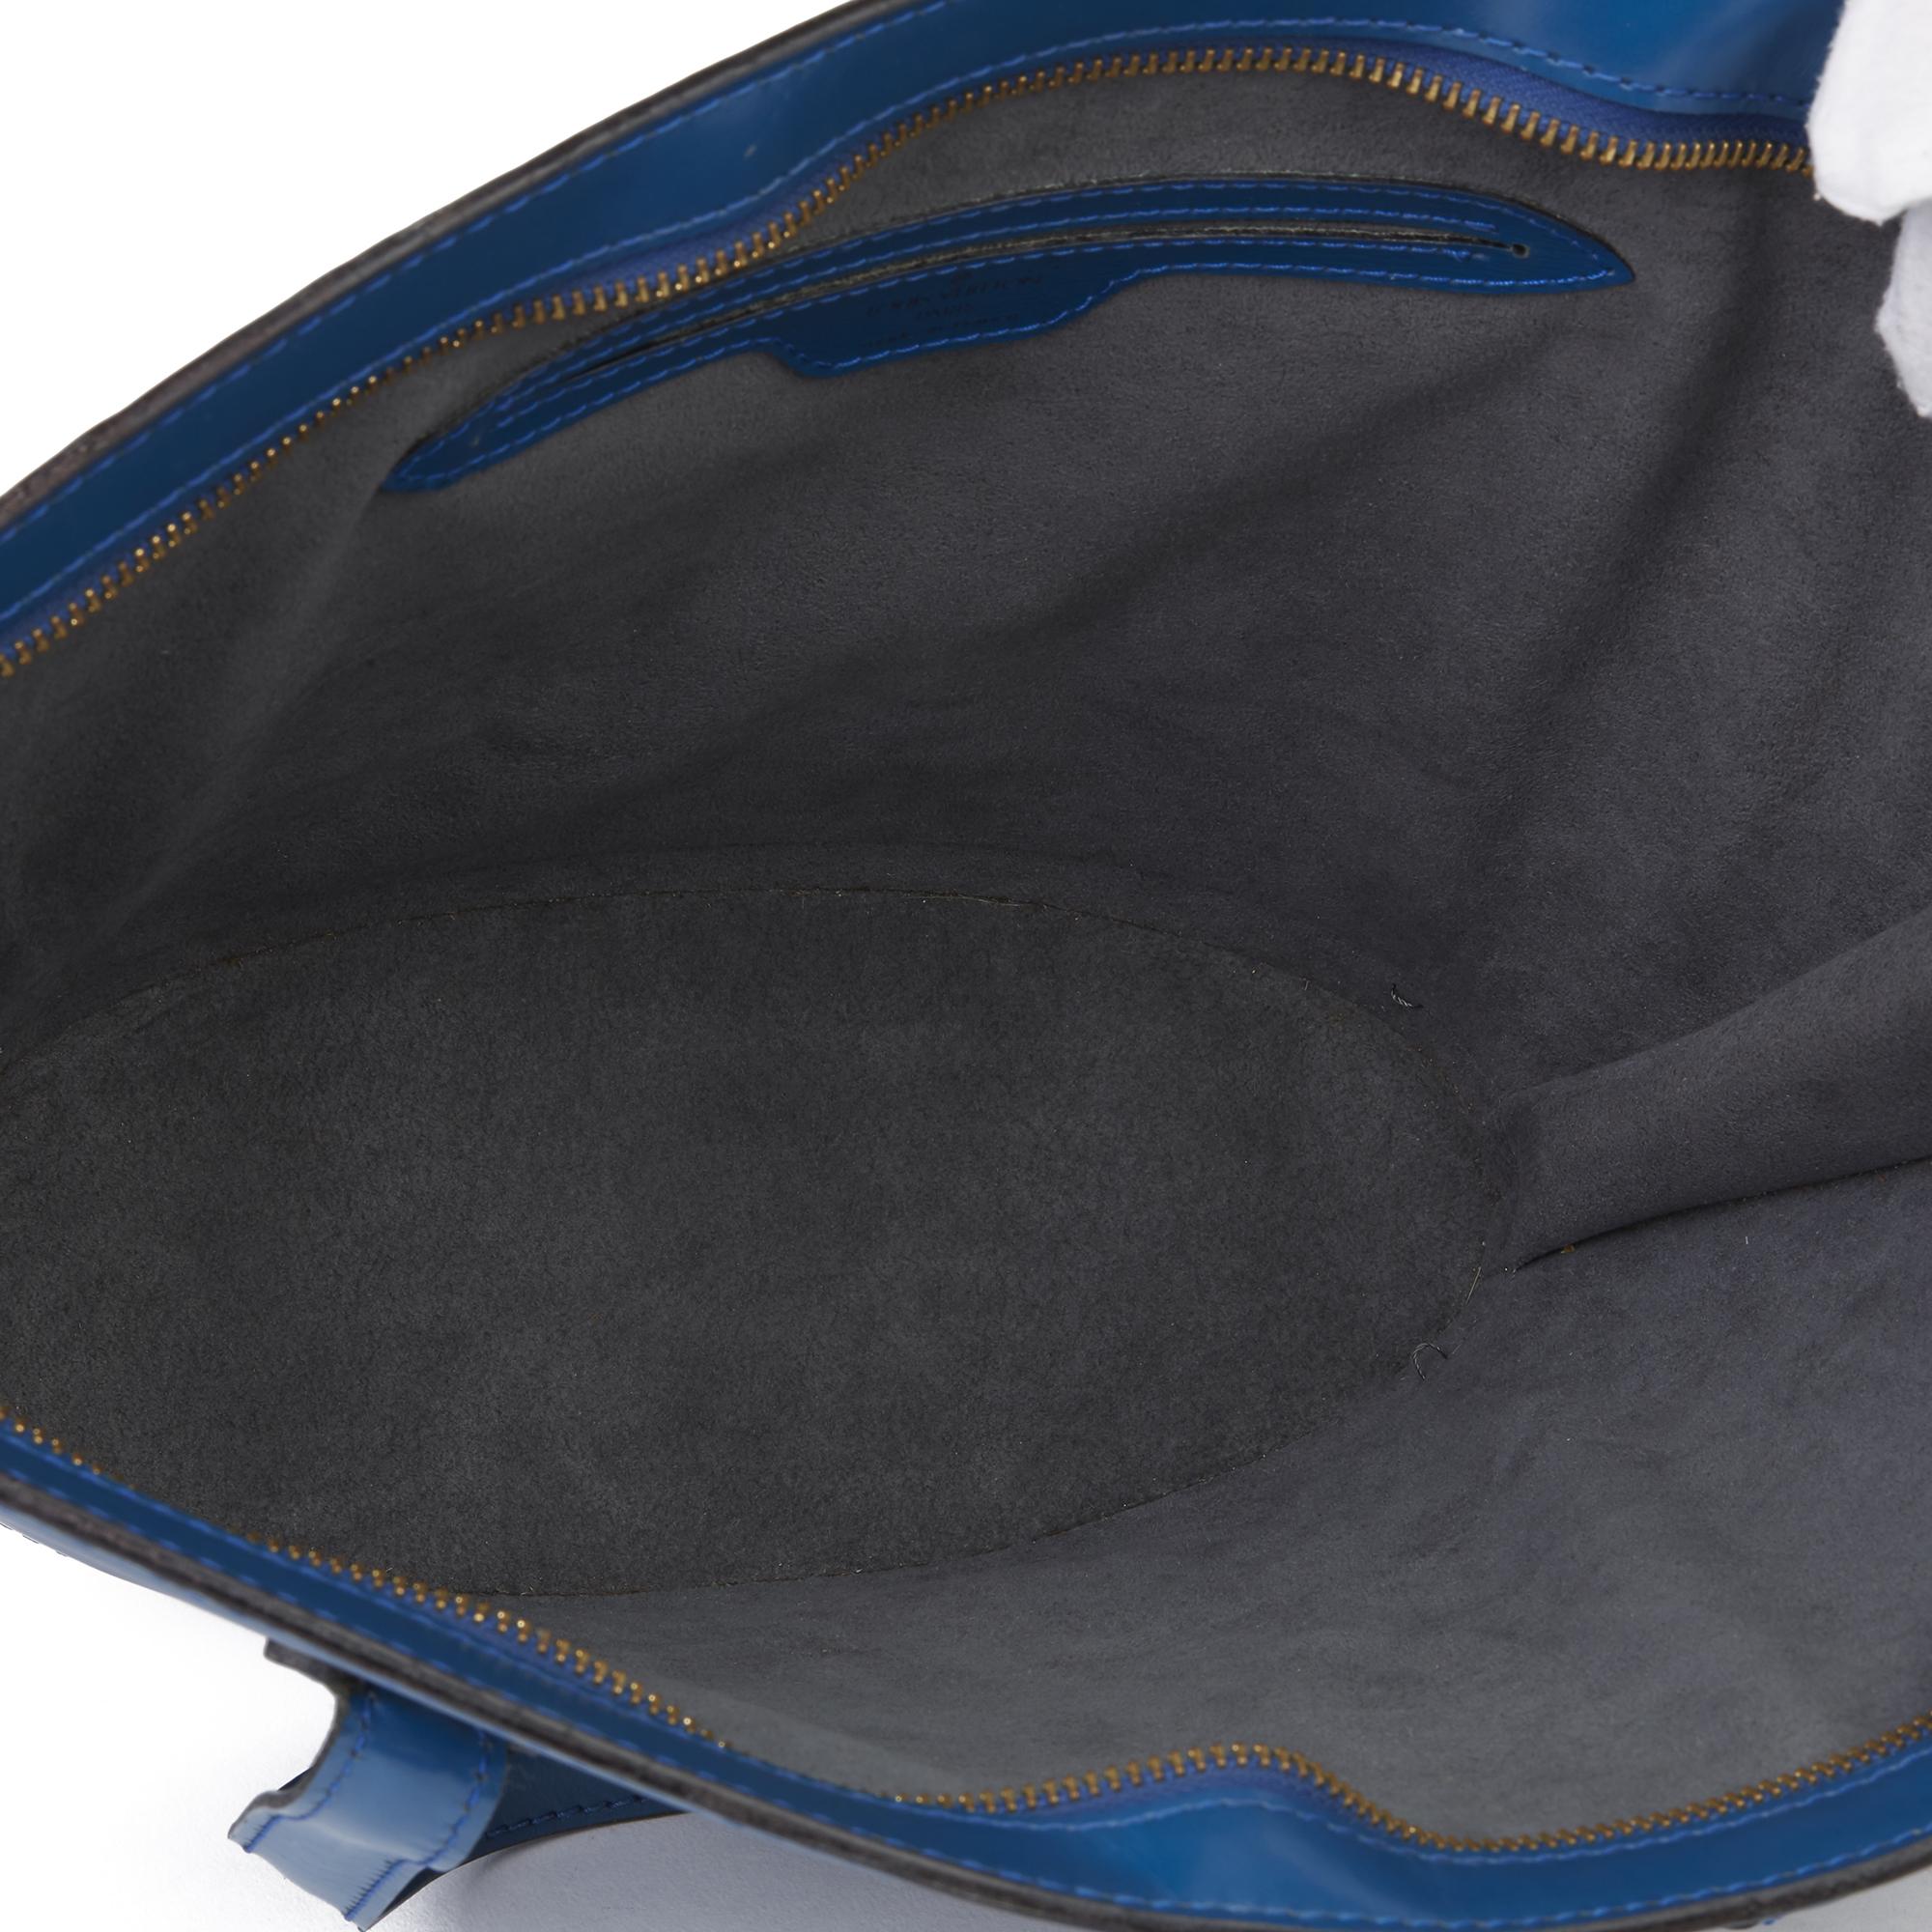 Louis Vuitton Blue Epi Leather Vintage Saint Jacques PM - Image 3 of 11